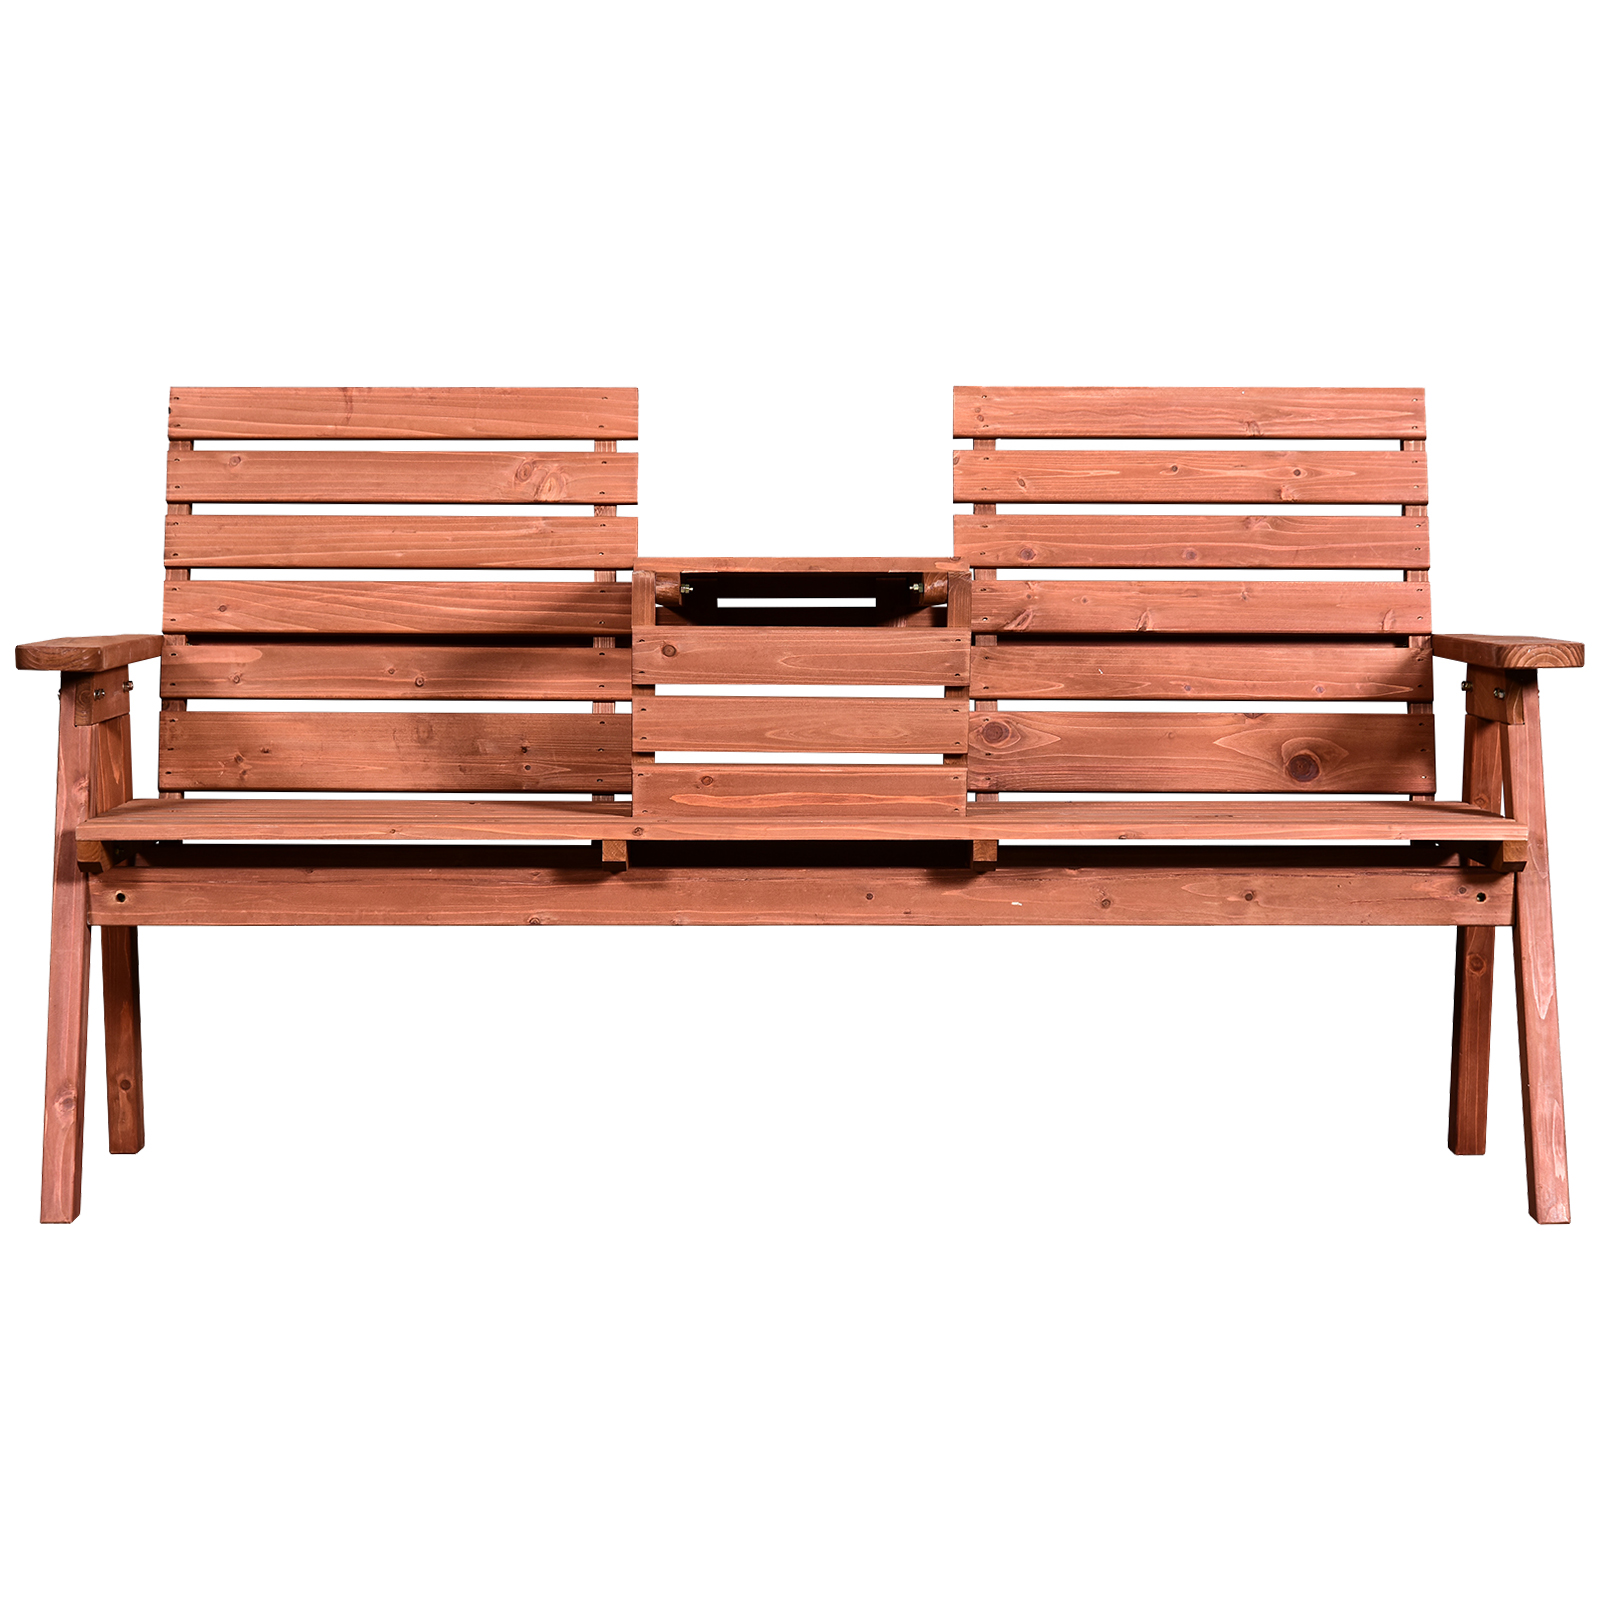 Impermeabile Outsunny Panchina da Esterni in Legno di Abete 2 o 3 Posti Tavolino Convertibile in Seduta 160x70x85cm